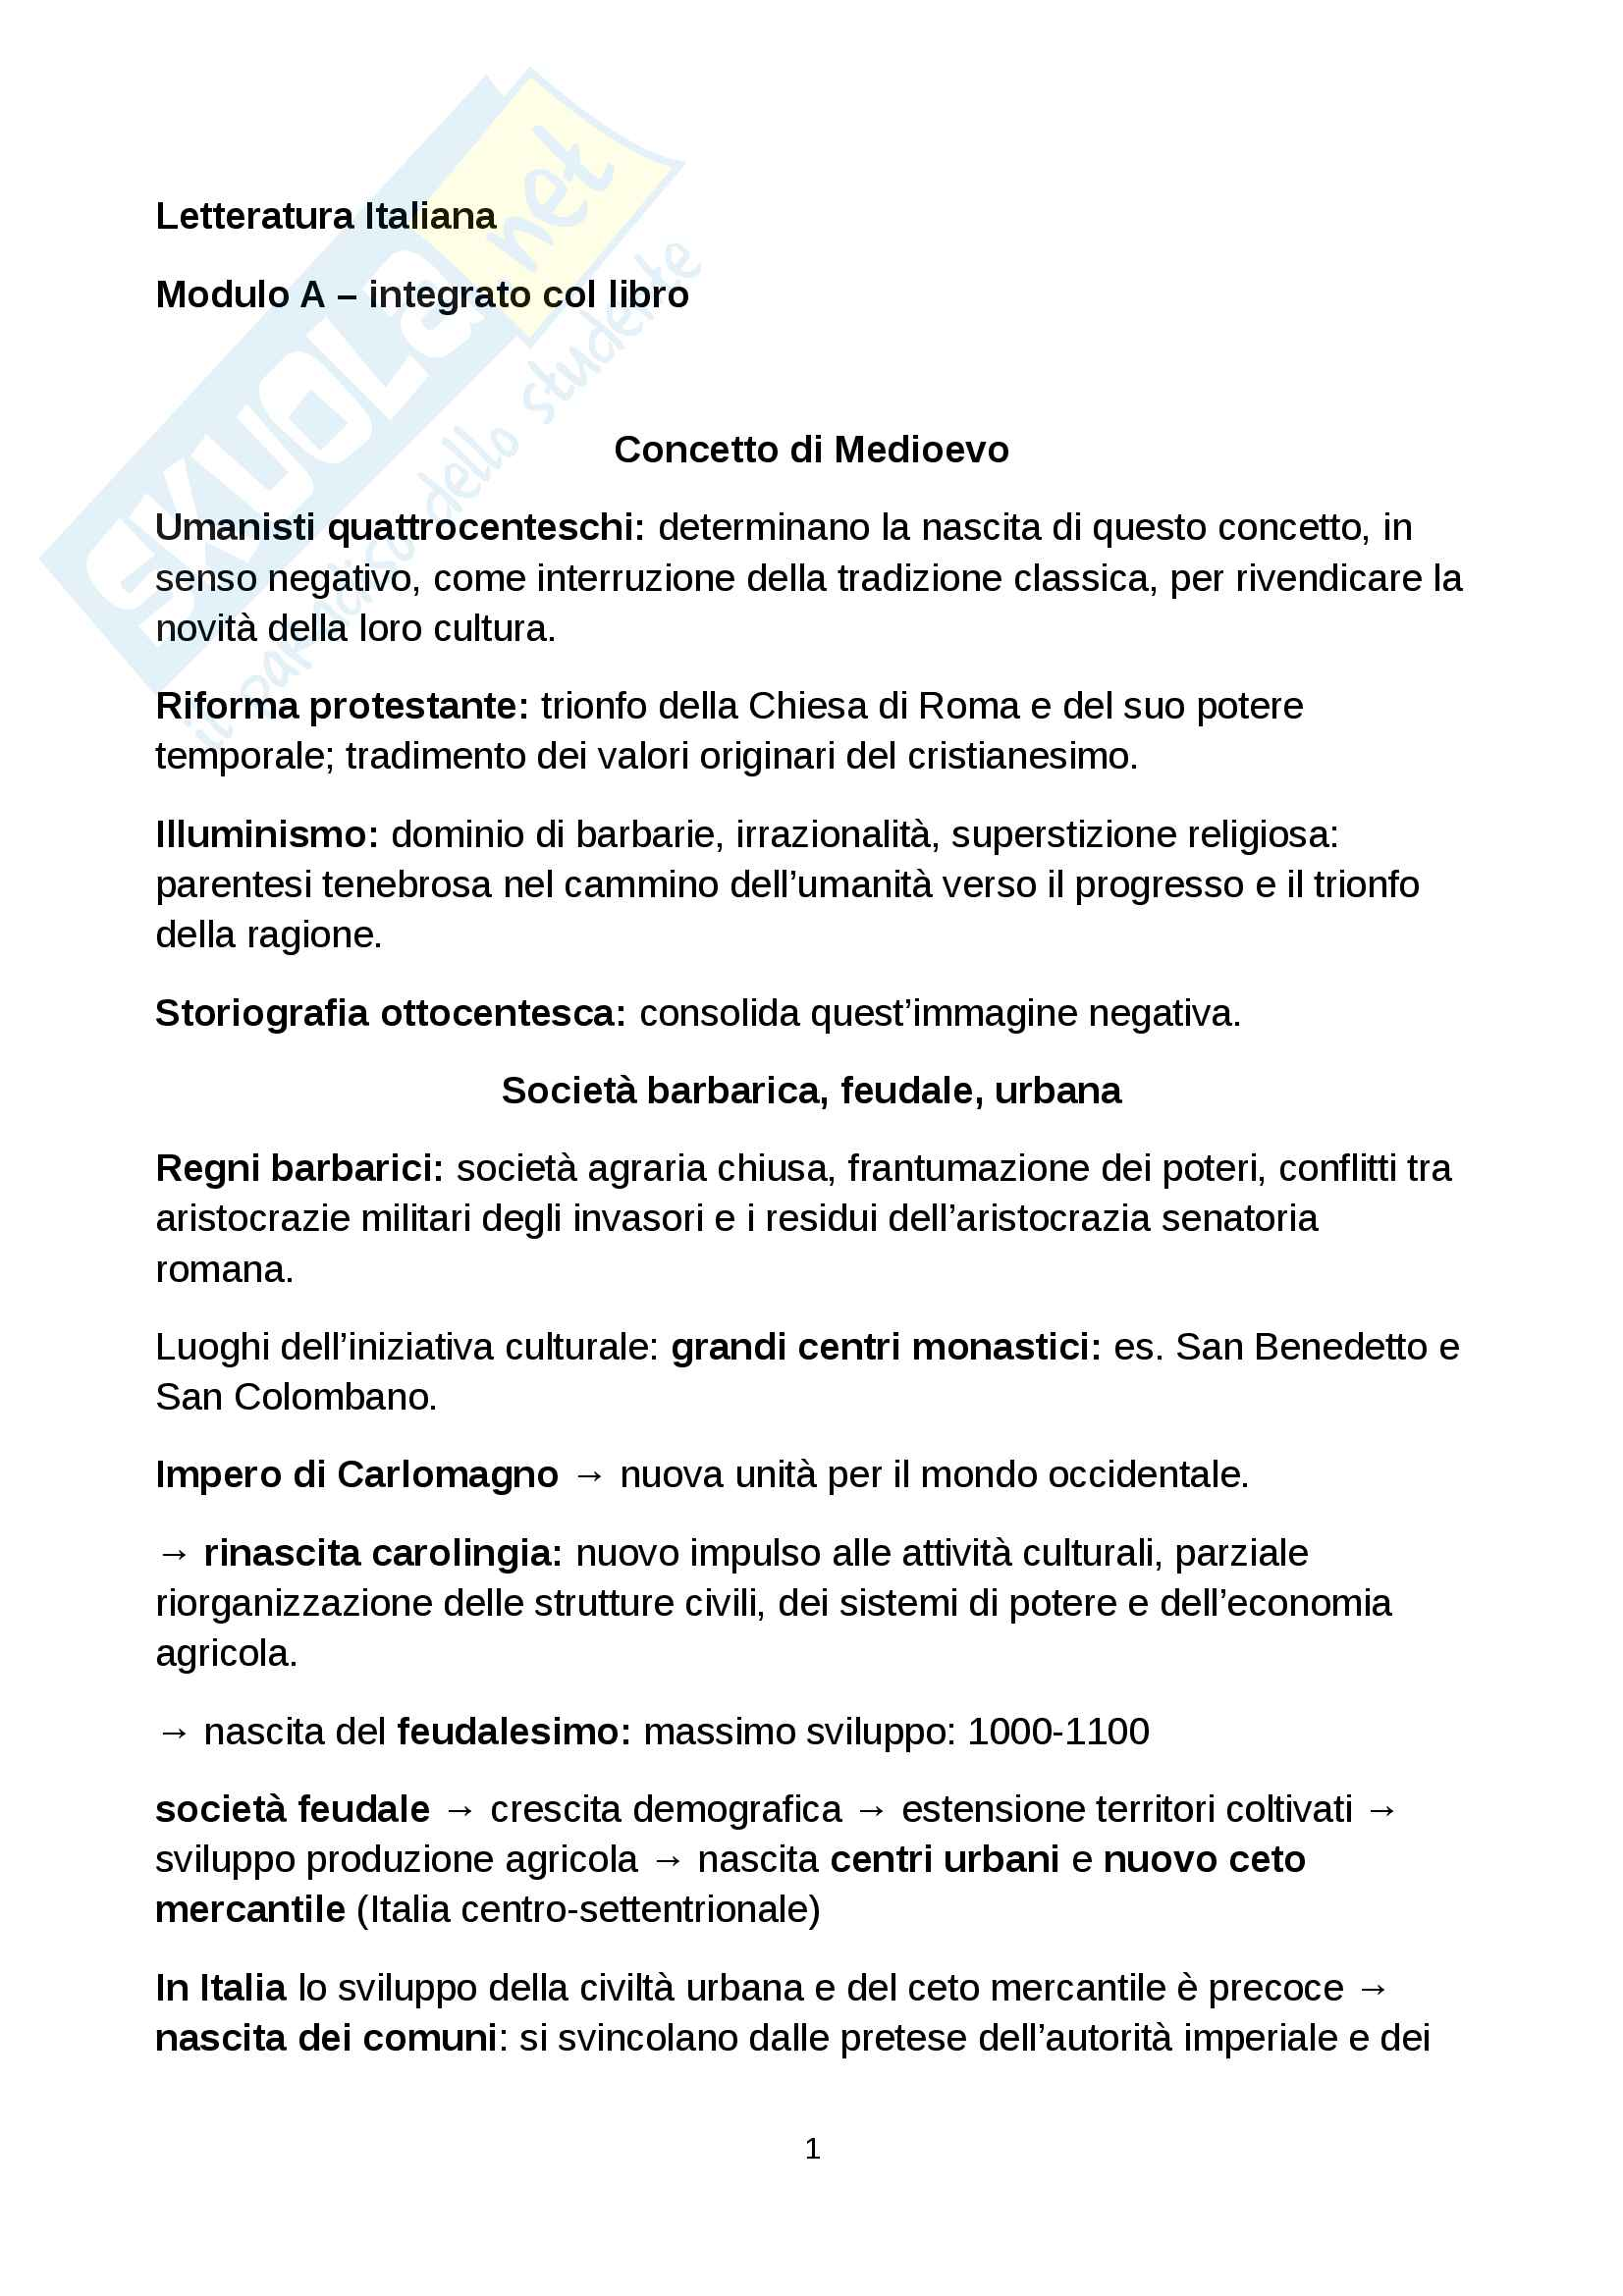 Letteratura italiana Cabrini Modulo A - storia della letteratura italiana